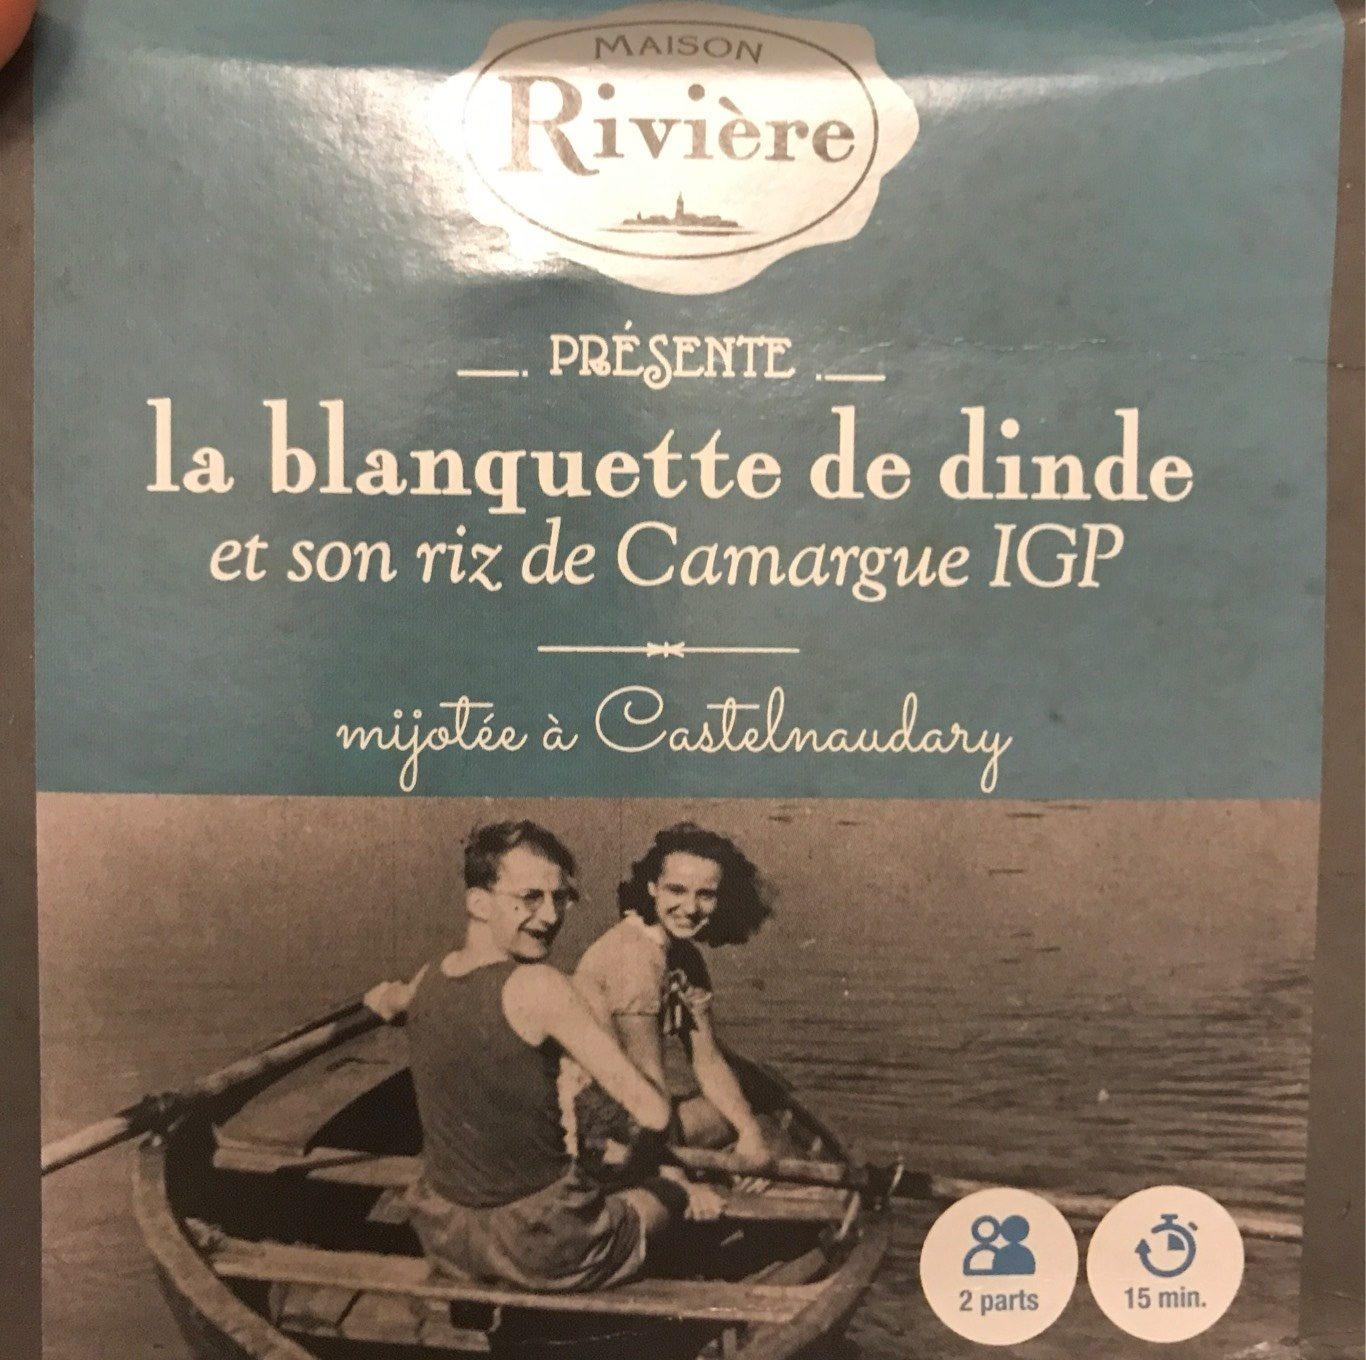 La blanquette de dinde et son riz de Camargue IGP - Product - fr